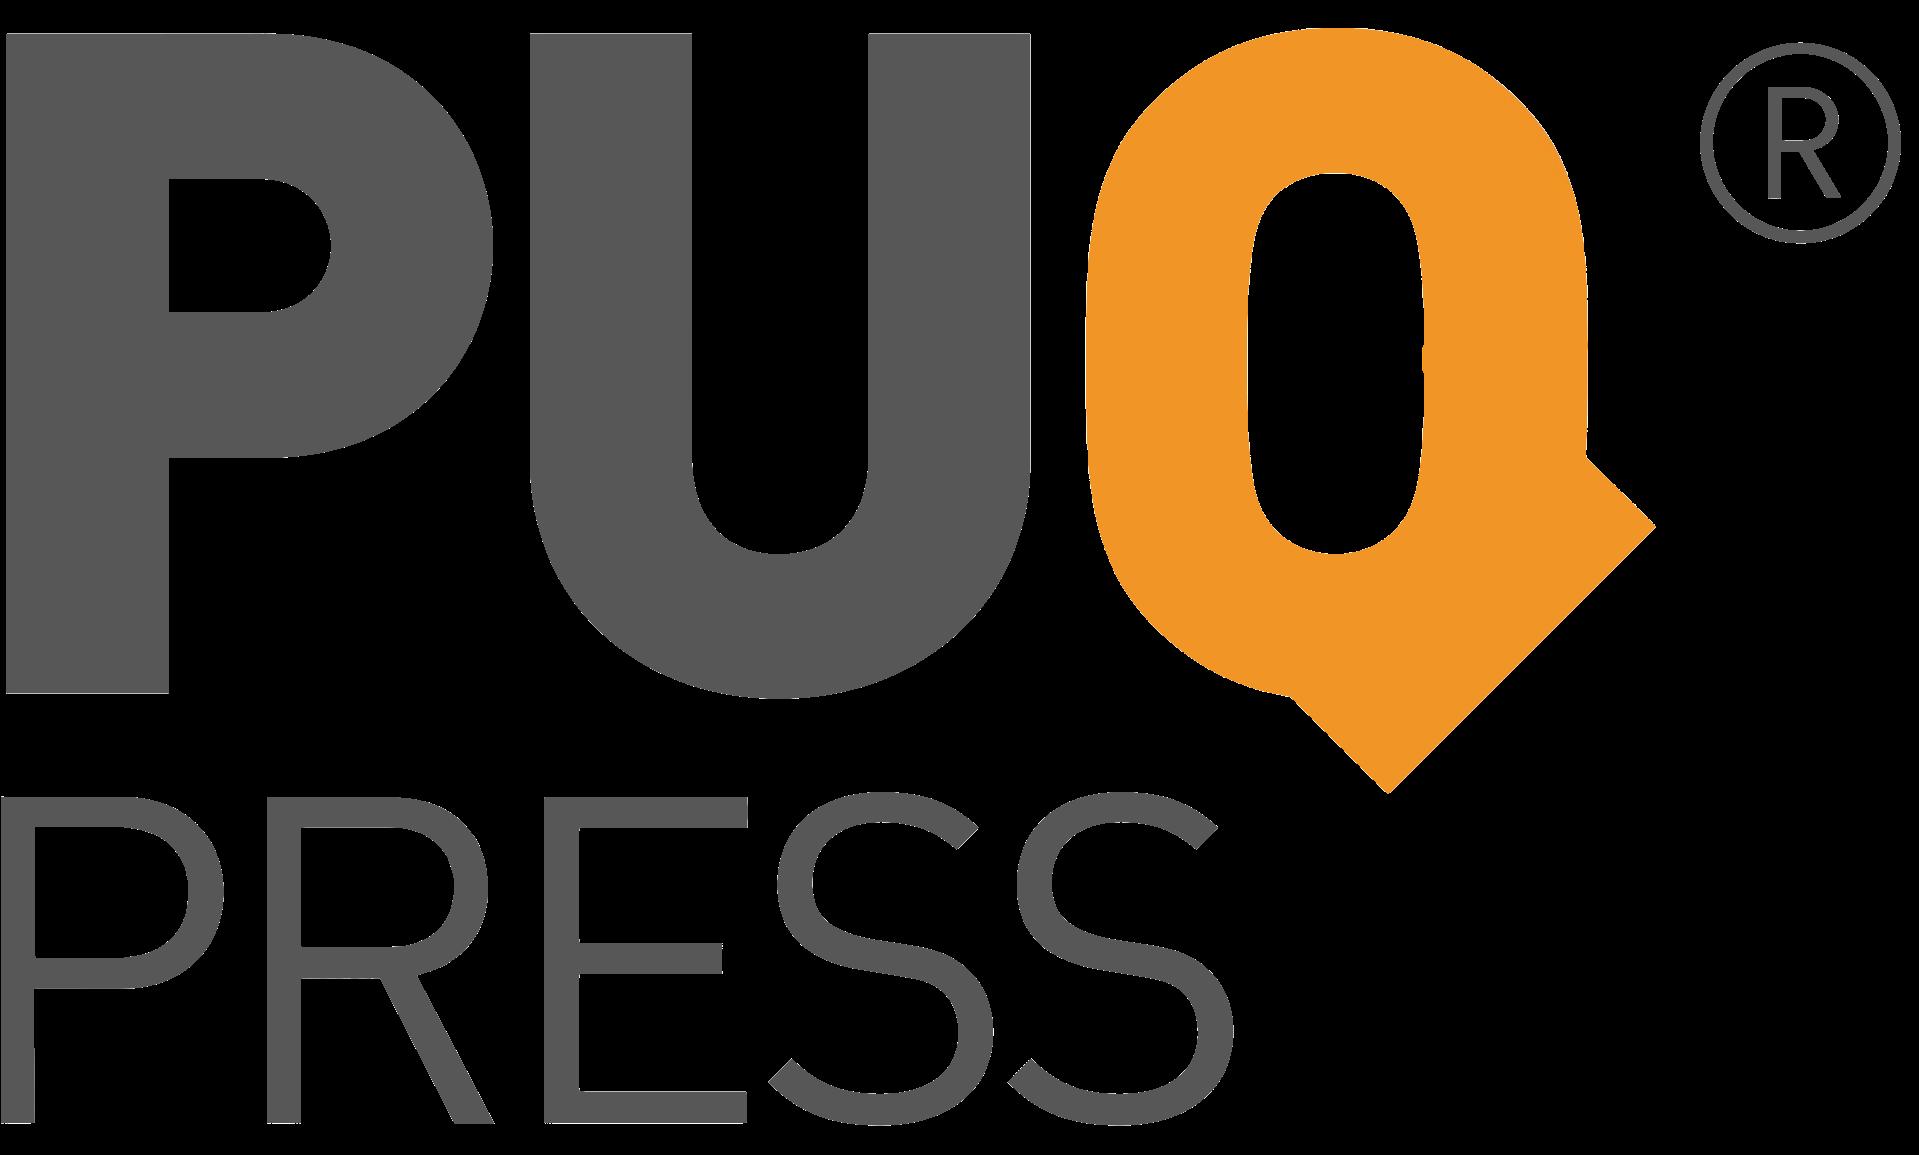 Puqpress